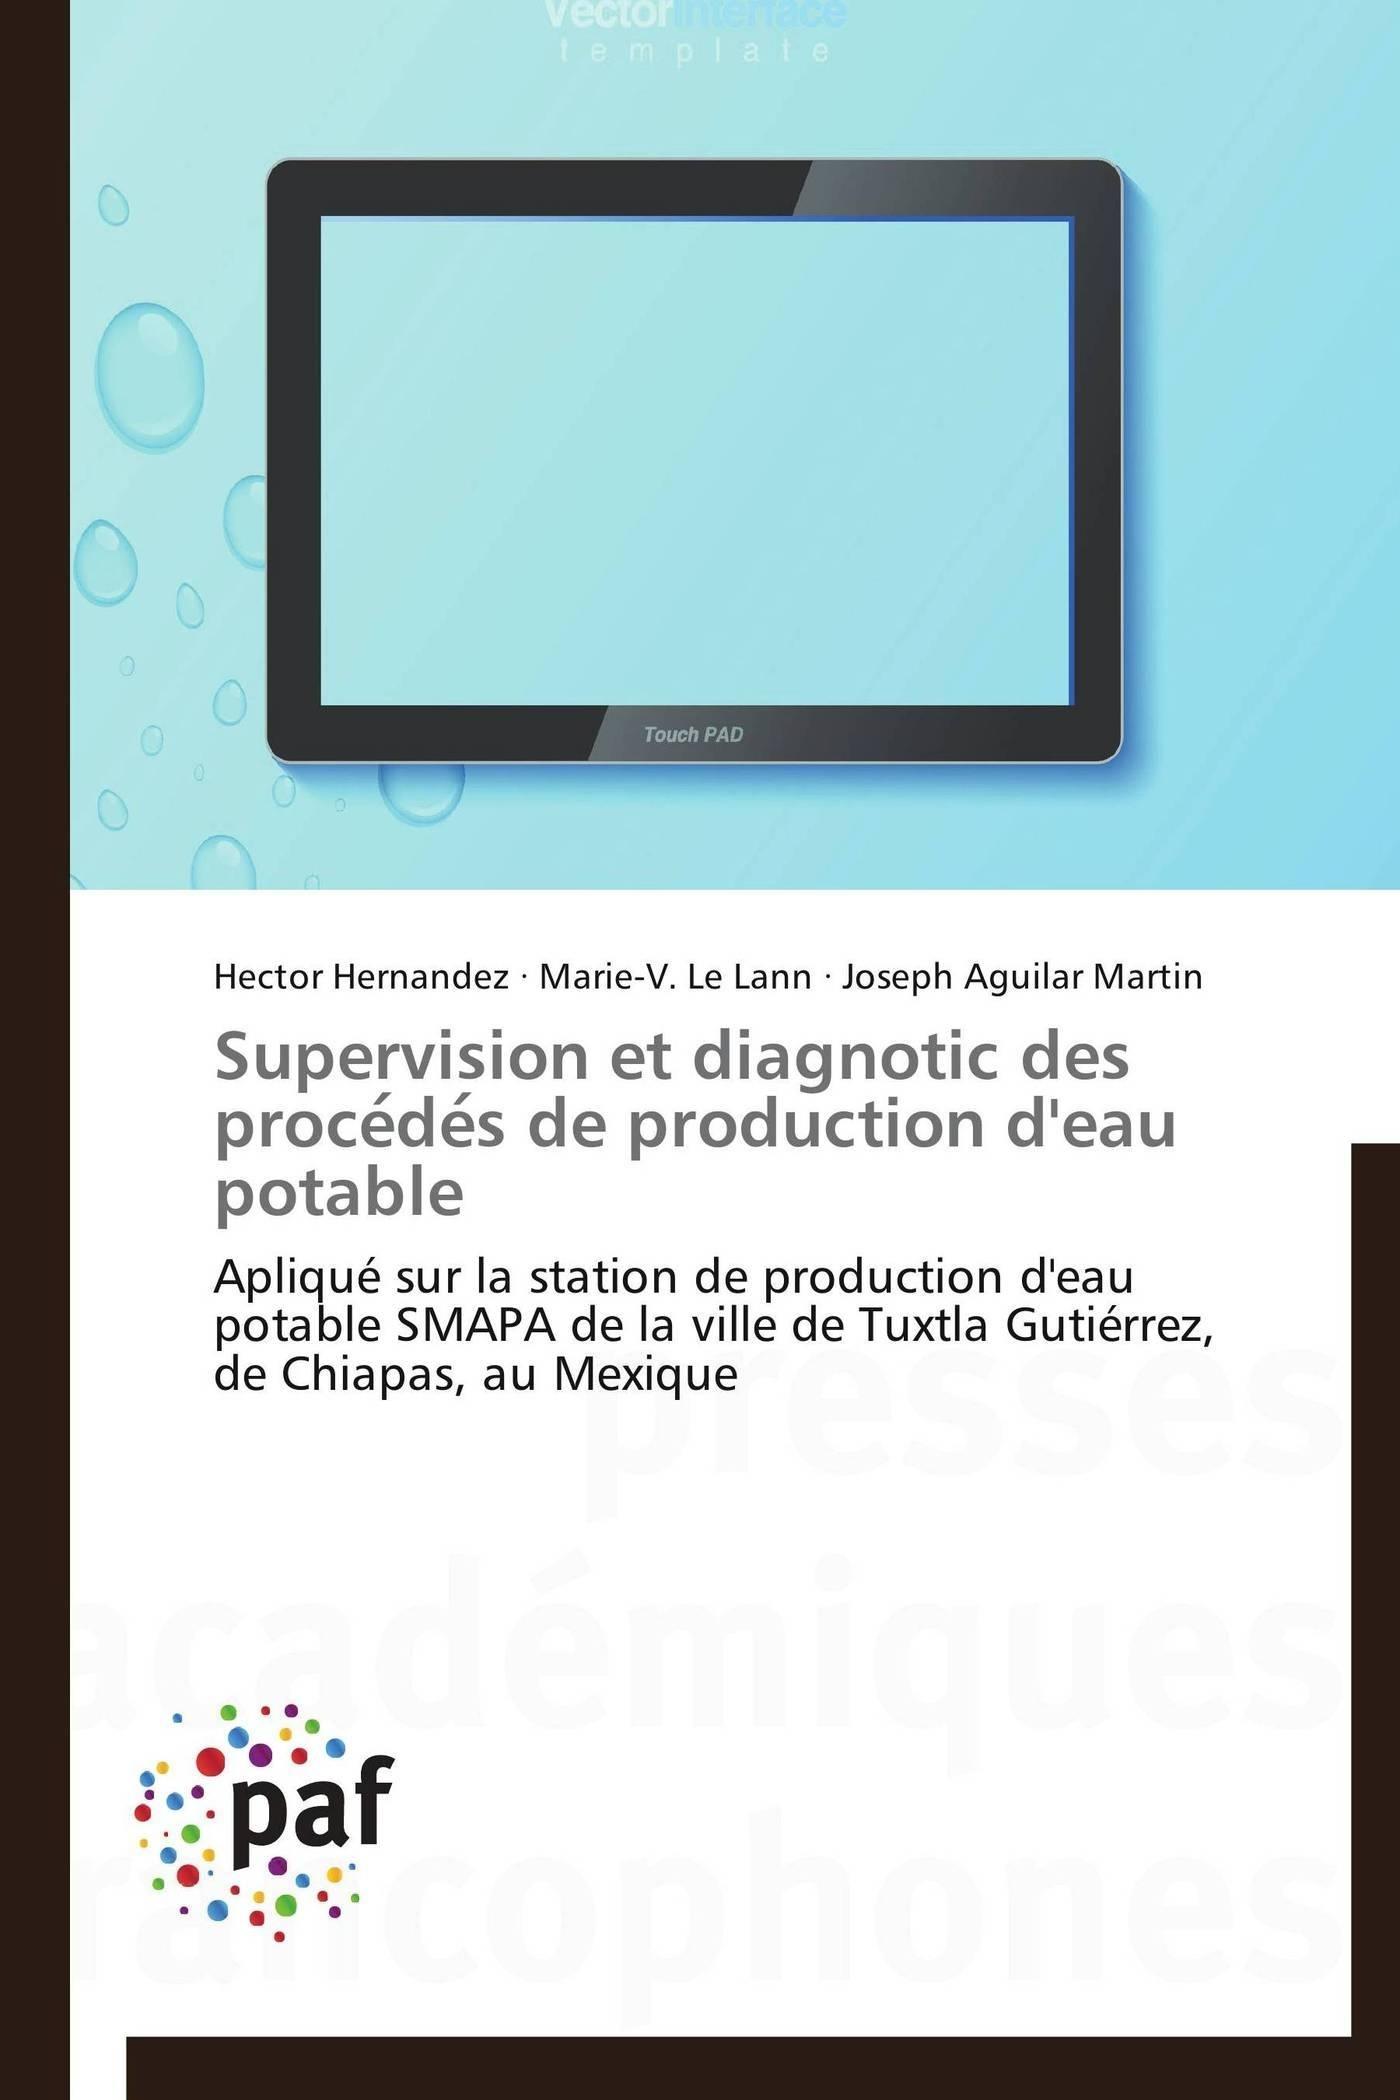 SUPERVISION ET DIAGNOTIC DES PROCE DE S DE PRODUCTION D'EAU POTABLE